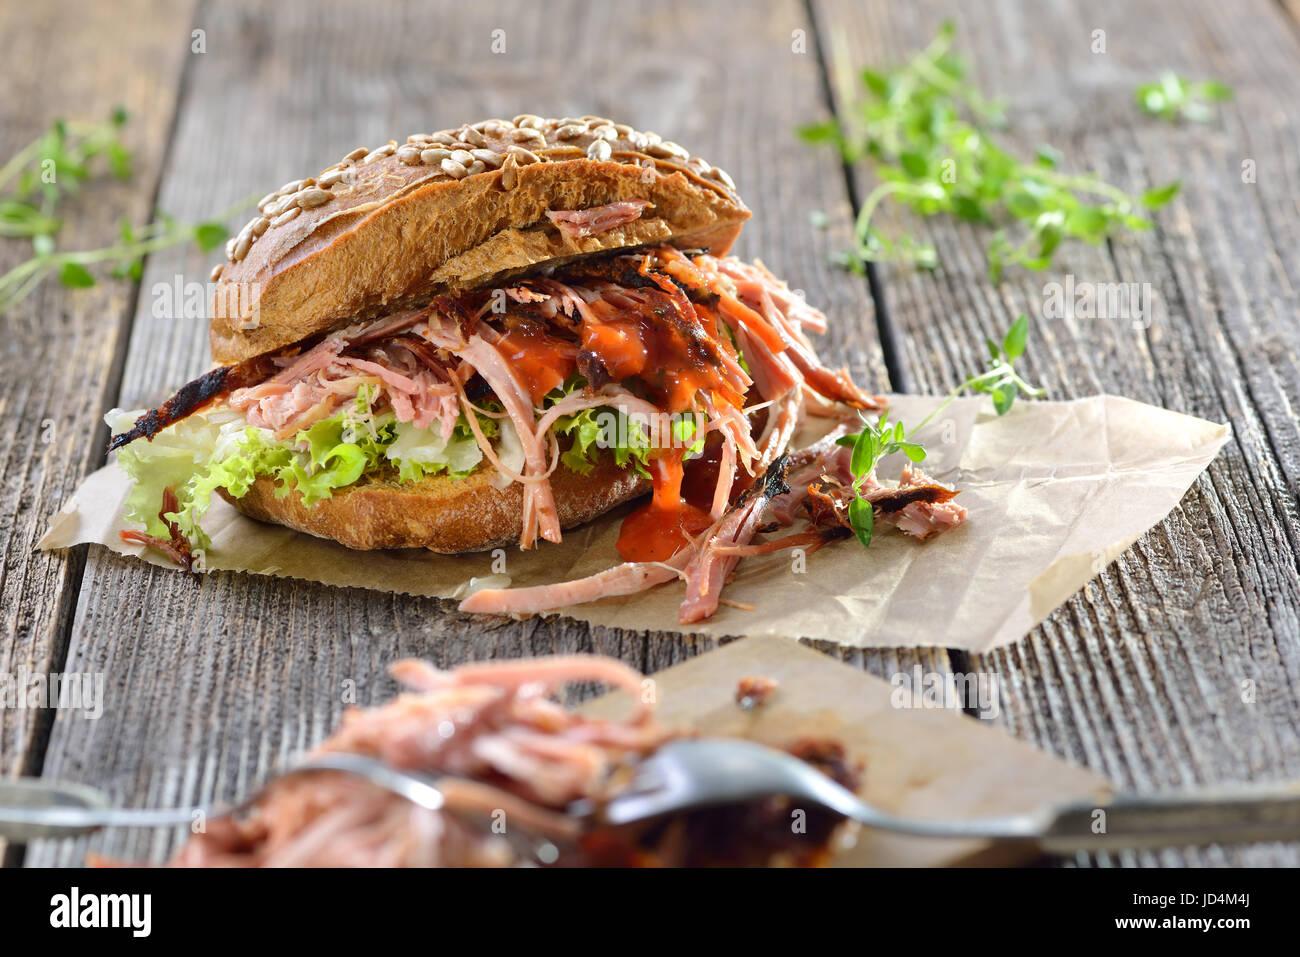 Suppen: Grillen zog Schweinefleisch Vollkorn Sandwich mit Krautsalat, hot BBQ-Sauce, serviert auf braunem Packpapier Stockbild